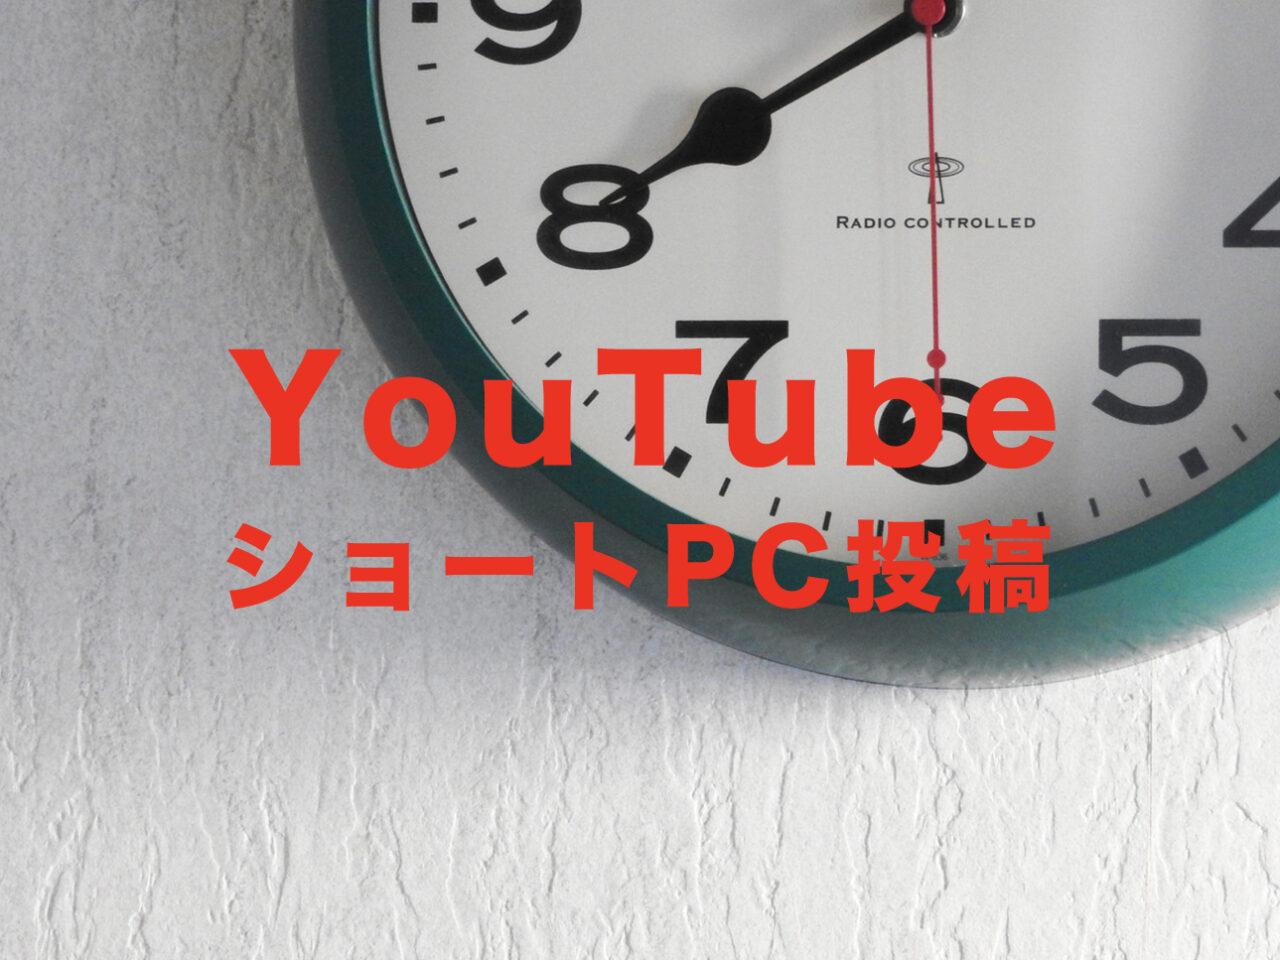 YouTube(ユーチューブ)のショート動画はPCから投稿できる?投稿方法や上げ方は?のサムネイル画像